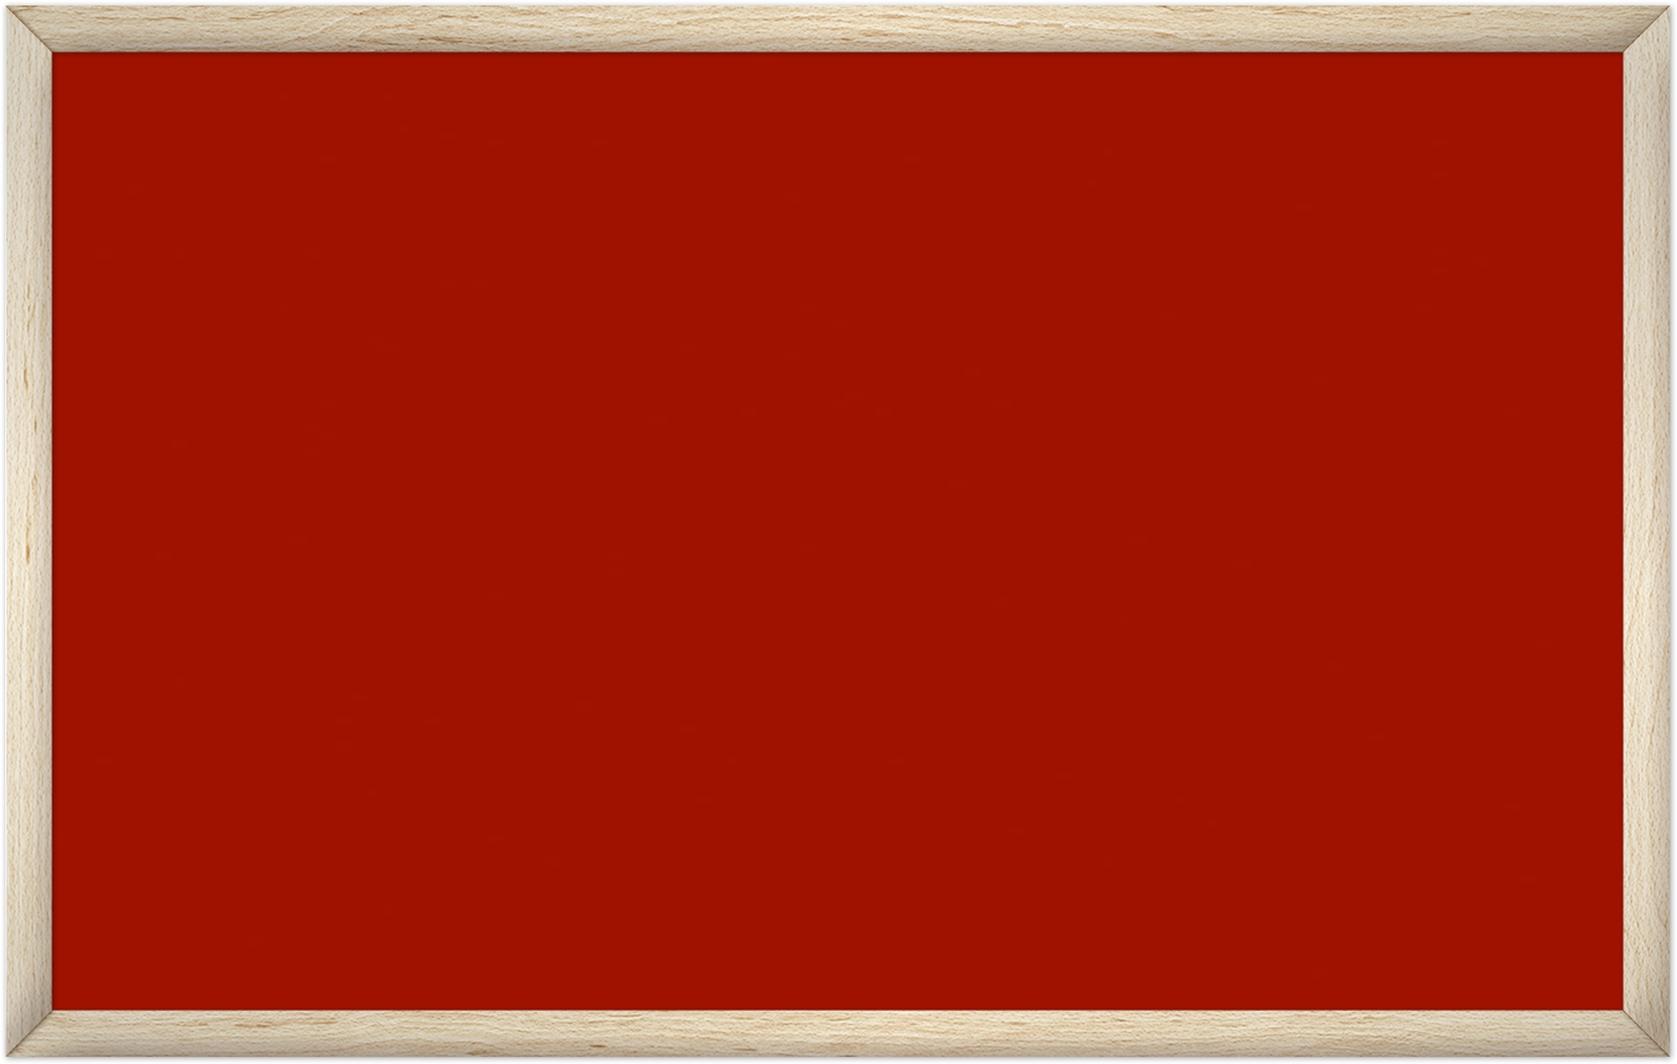 comfort2000 ir. verw.paneel, 1025W, 1250 x 790 mm, mohnrot rood, lijst esdoornhout gelakt